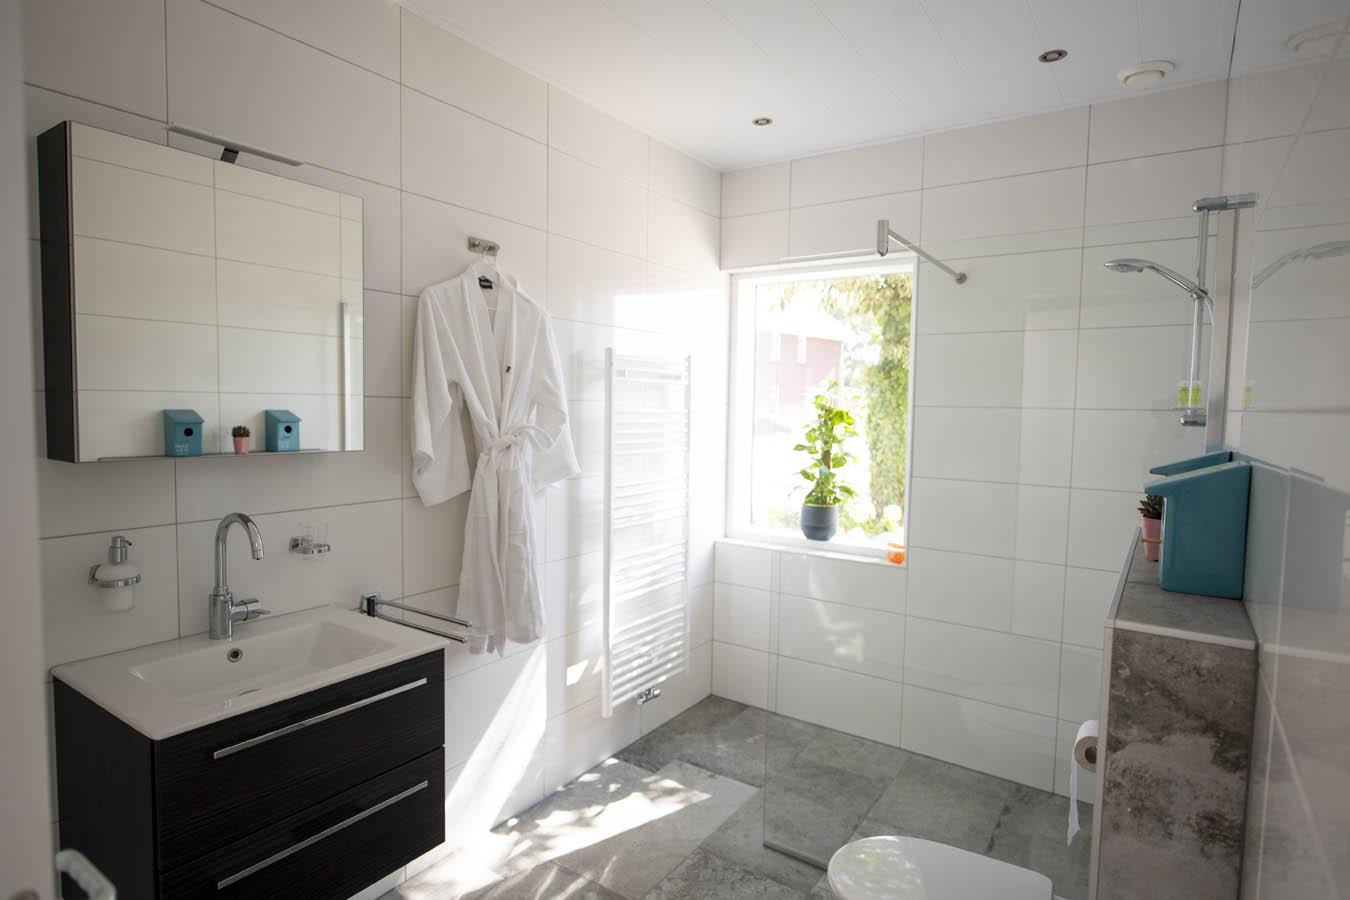 Badkamer Televisie Draadloos : Badkamer tv voorbeelden van tevreden klanten inbouw tv